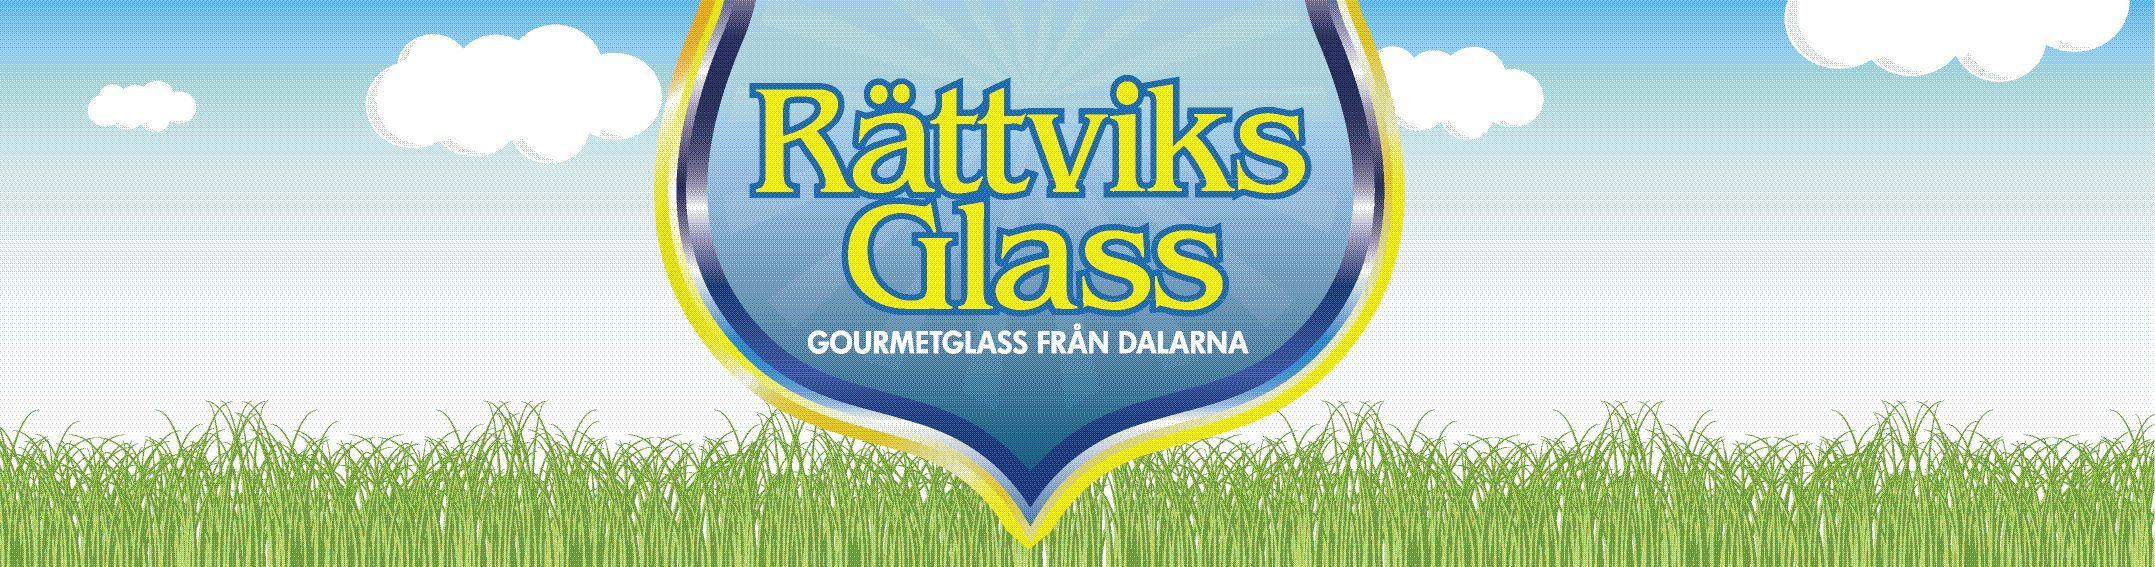 Rättviks Glass